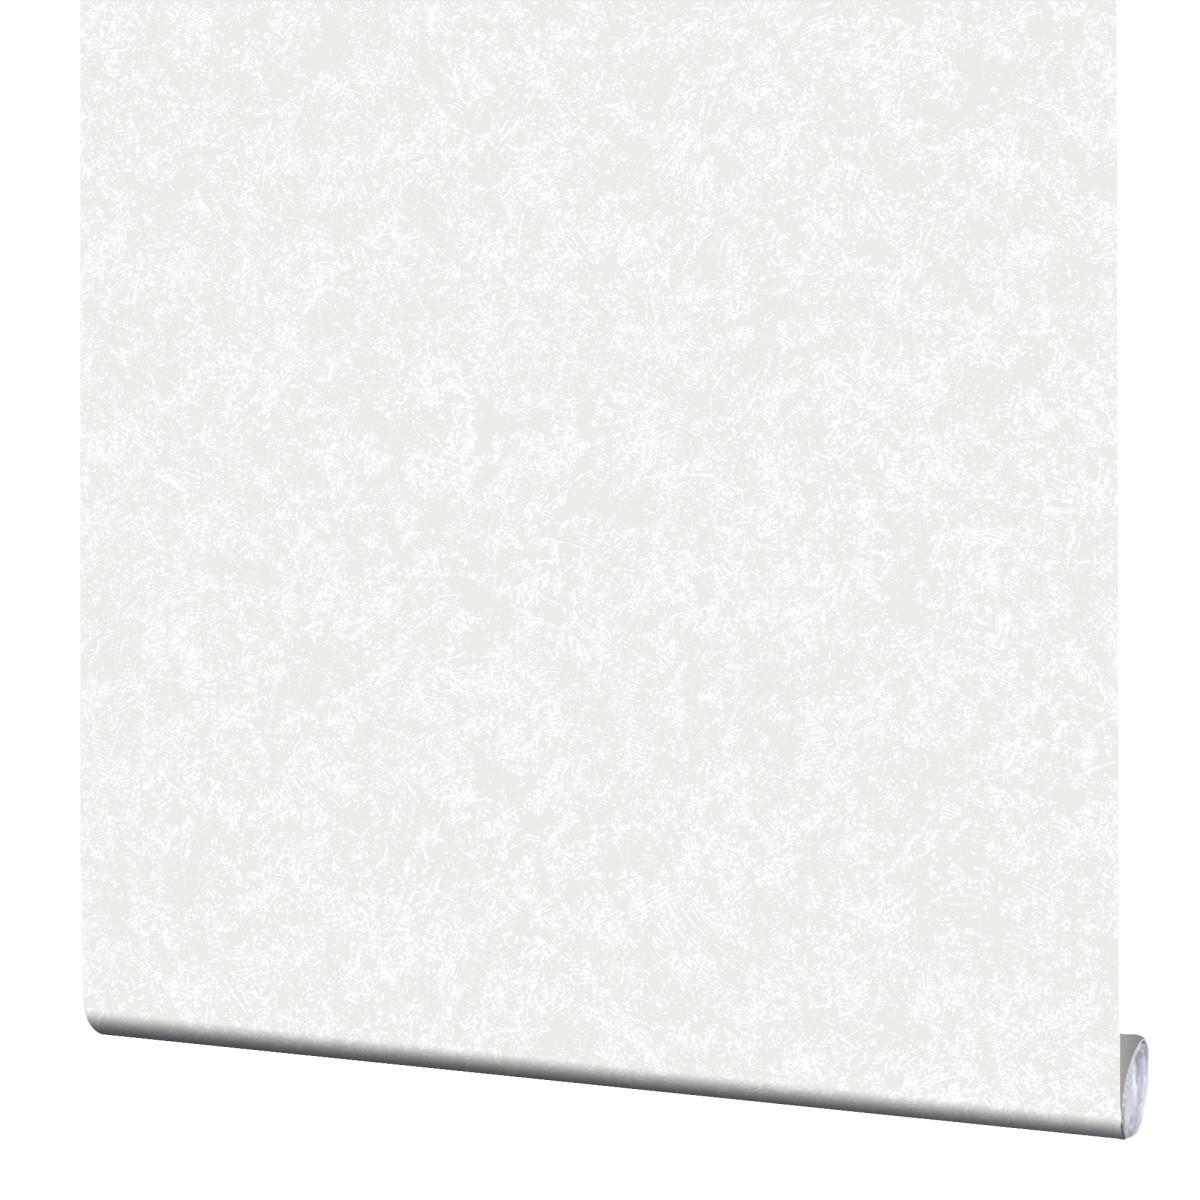 Обои флизелиновые Erismann Modevlies Professional под покраску белые 1.06 м 2703-1